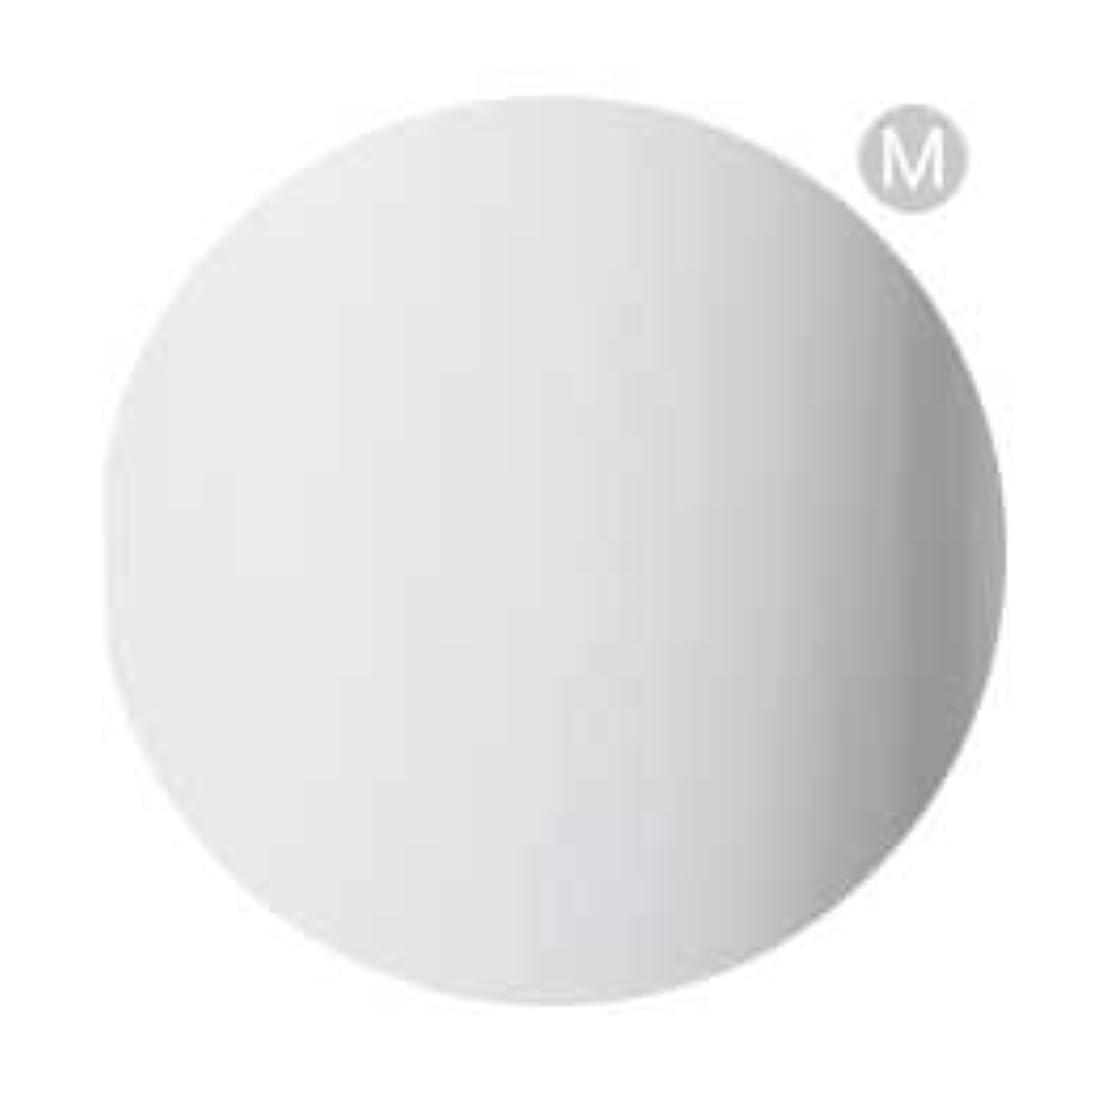 端末グループスキムPalms Graceful カラージェル 3g 007 ホワイト